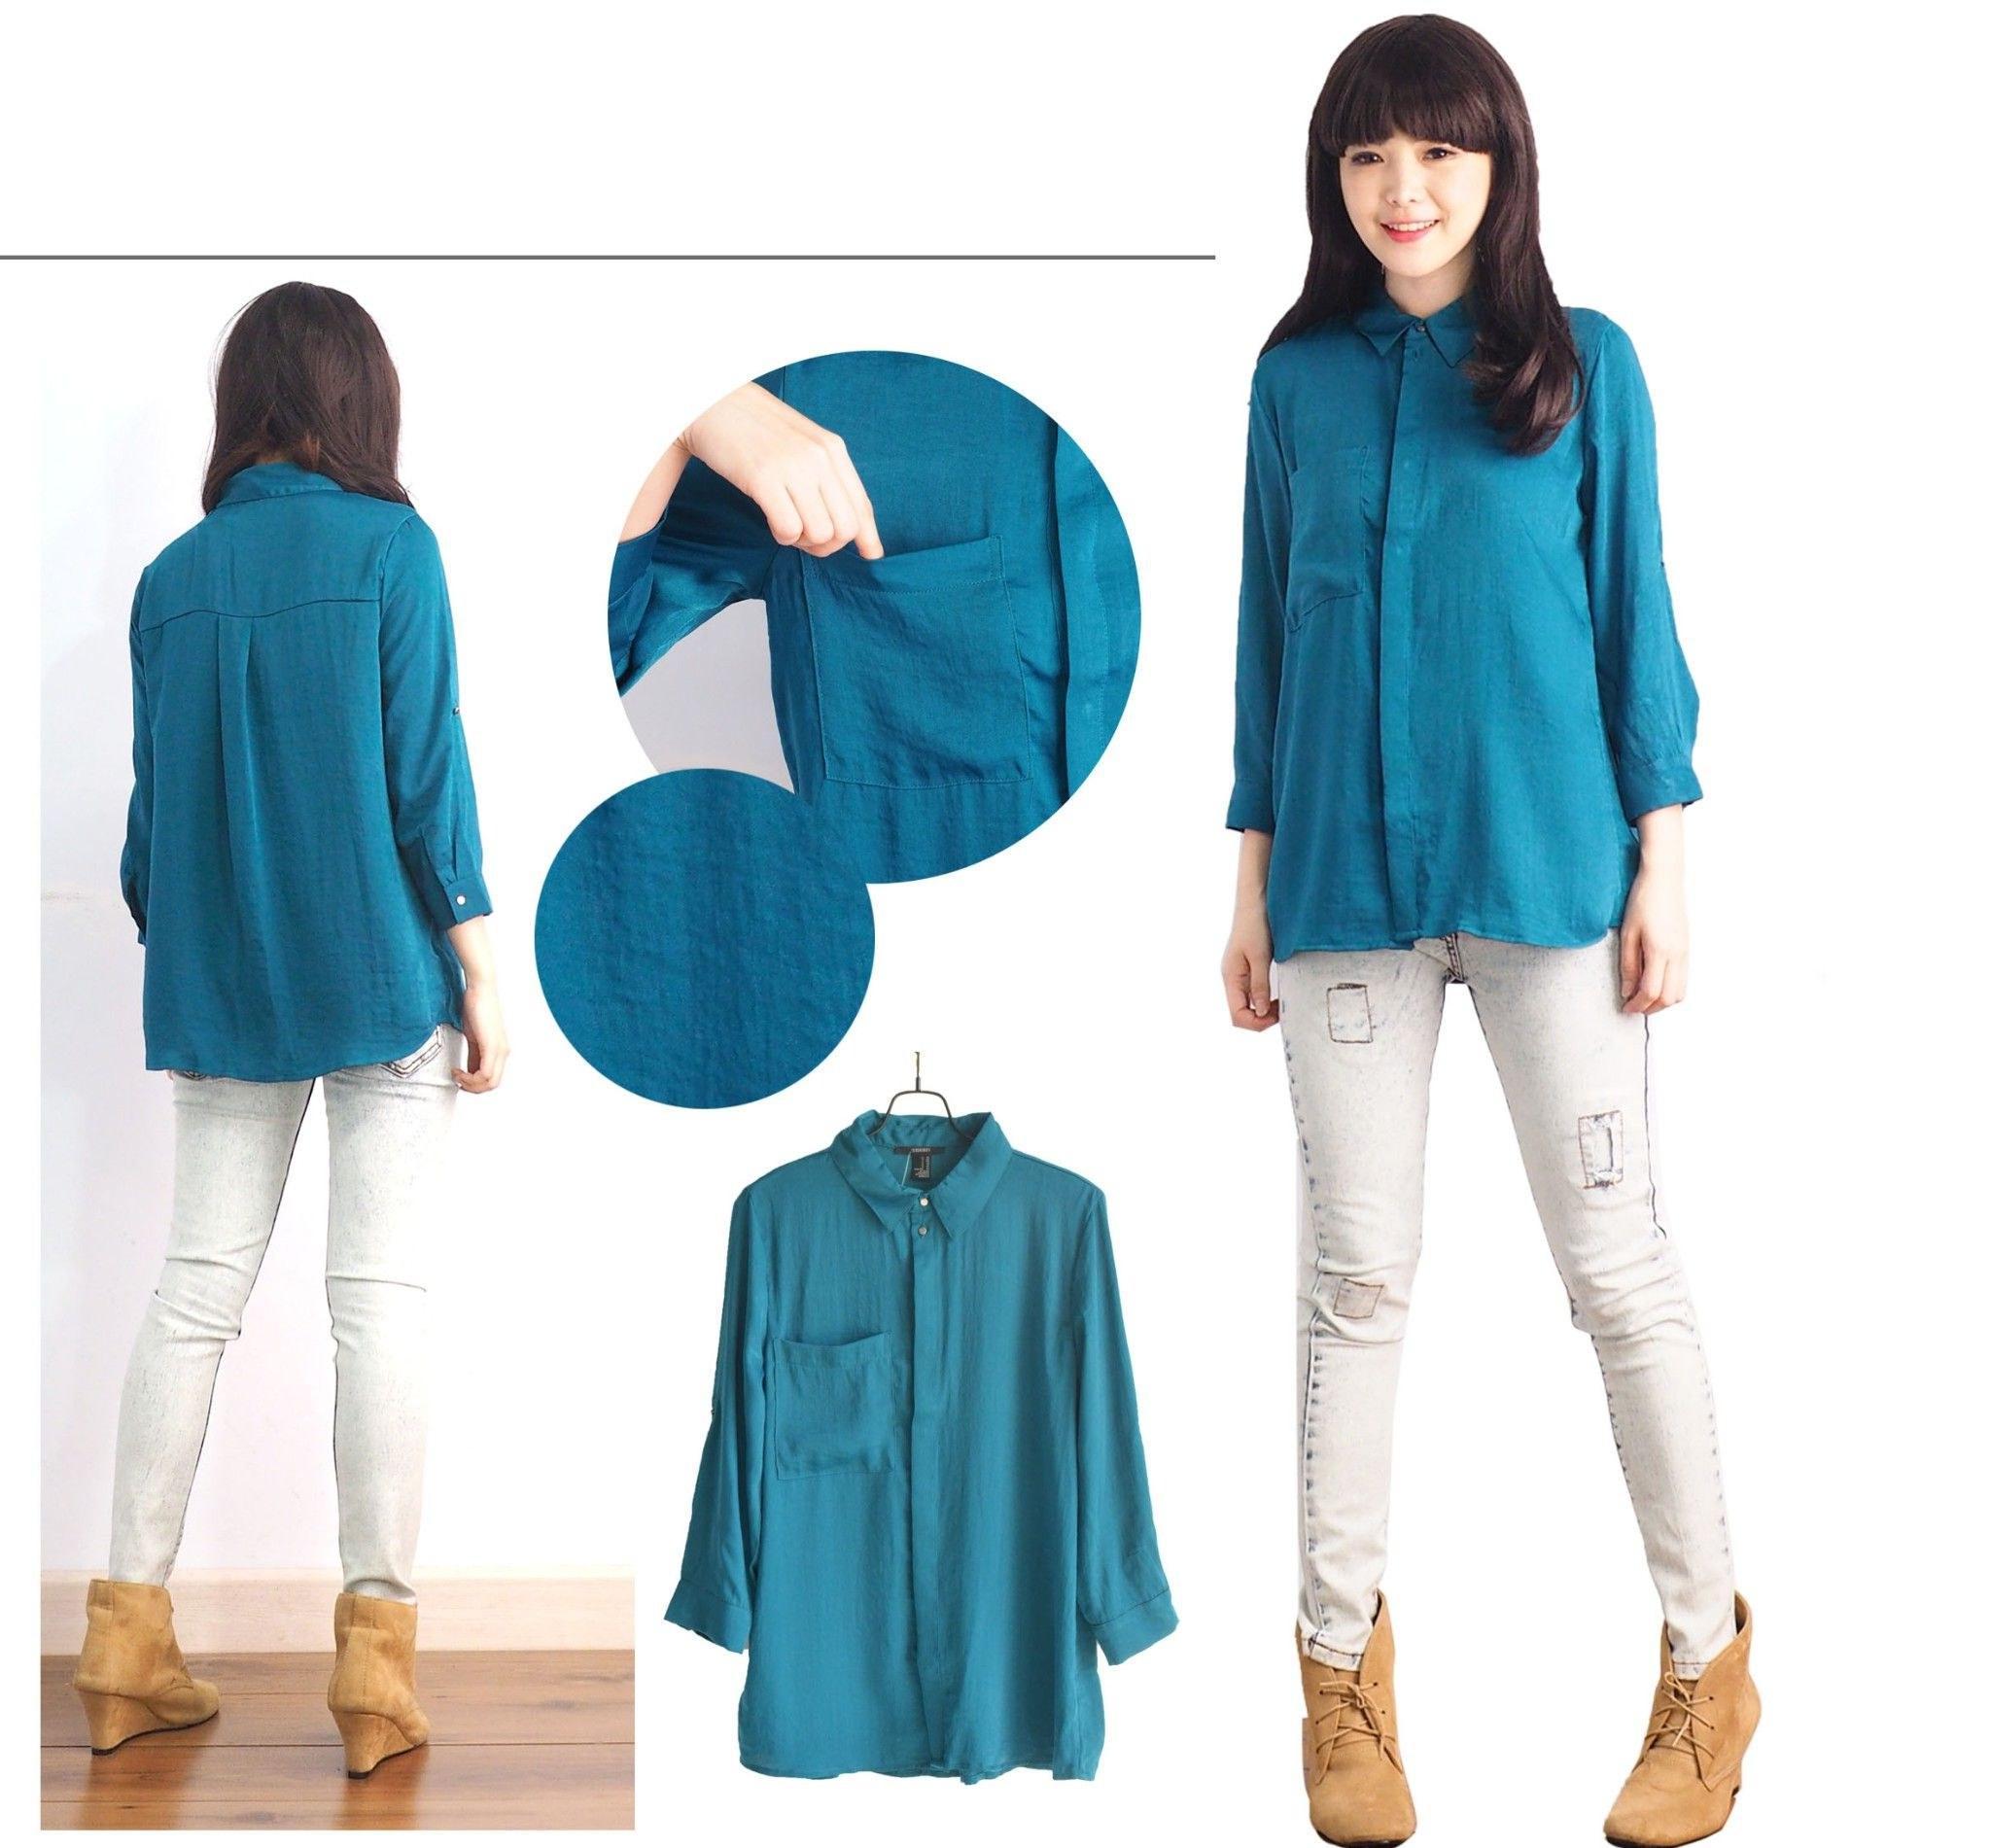 Design Model Baju Lebaran Anak Perempuan D0dg Blouse Muslim Model Pakaian Wanita Terbaru Pakaian Bayi